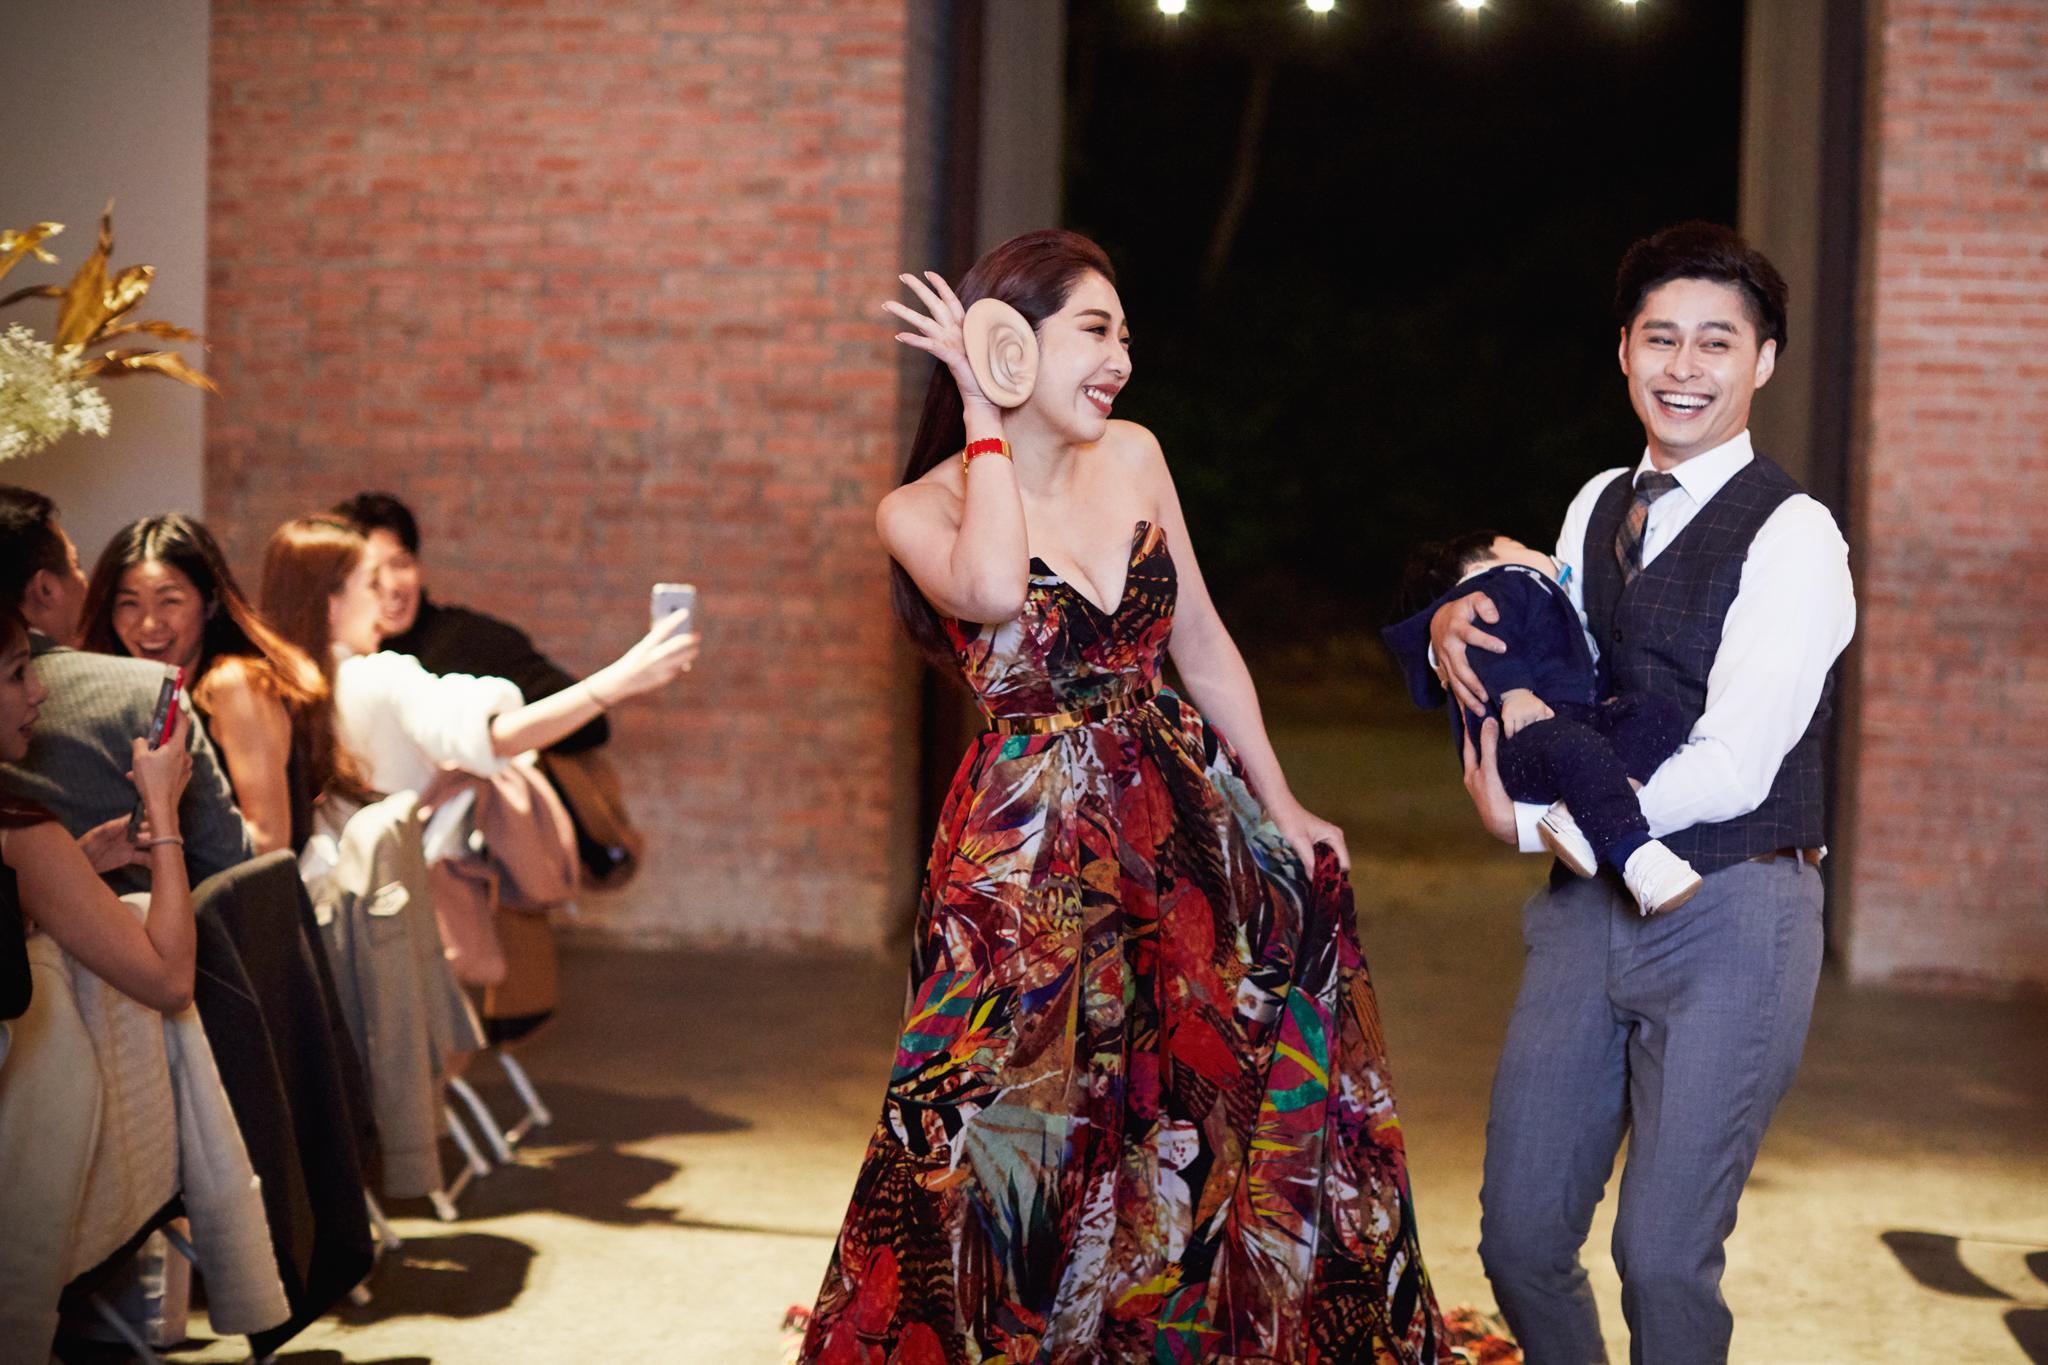 顏牧牧場婚禮, 婚攝推薦,台中婚攝,後院婚禮,戶外婚禮,美式婚禮-109